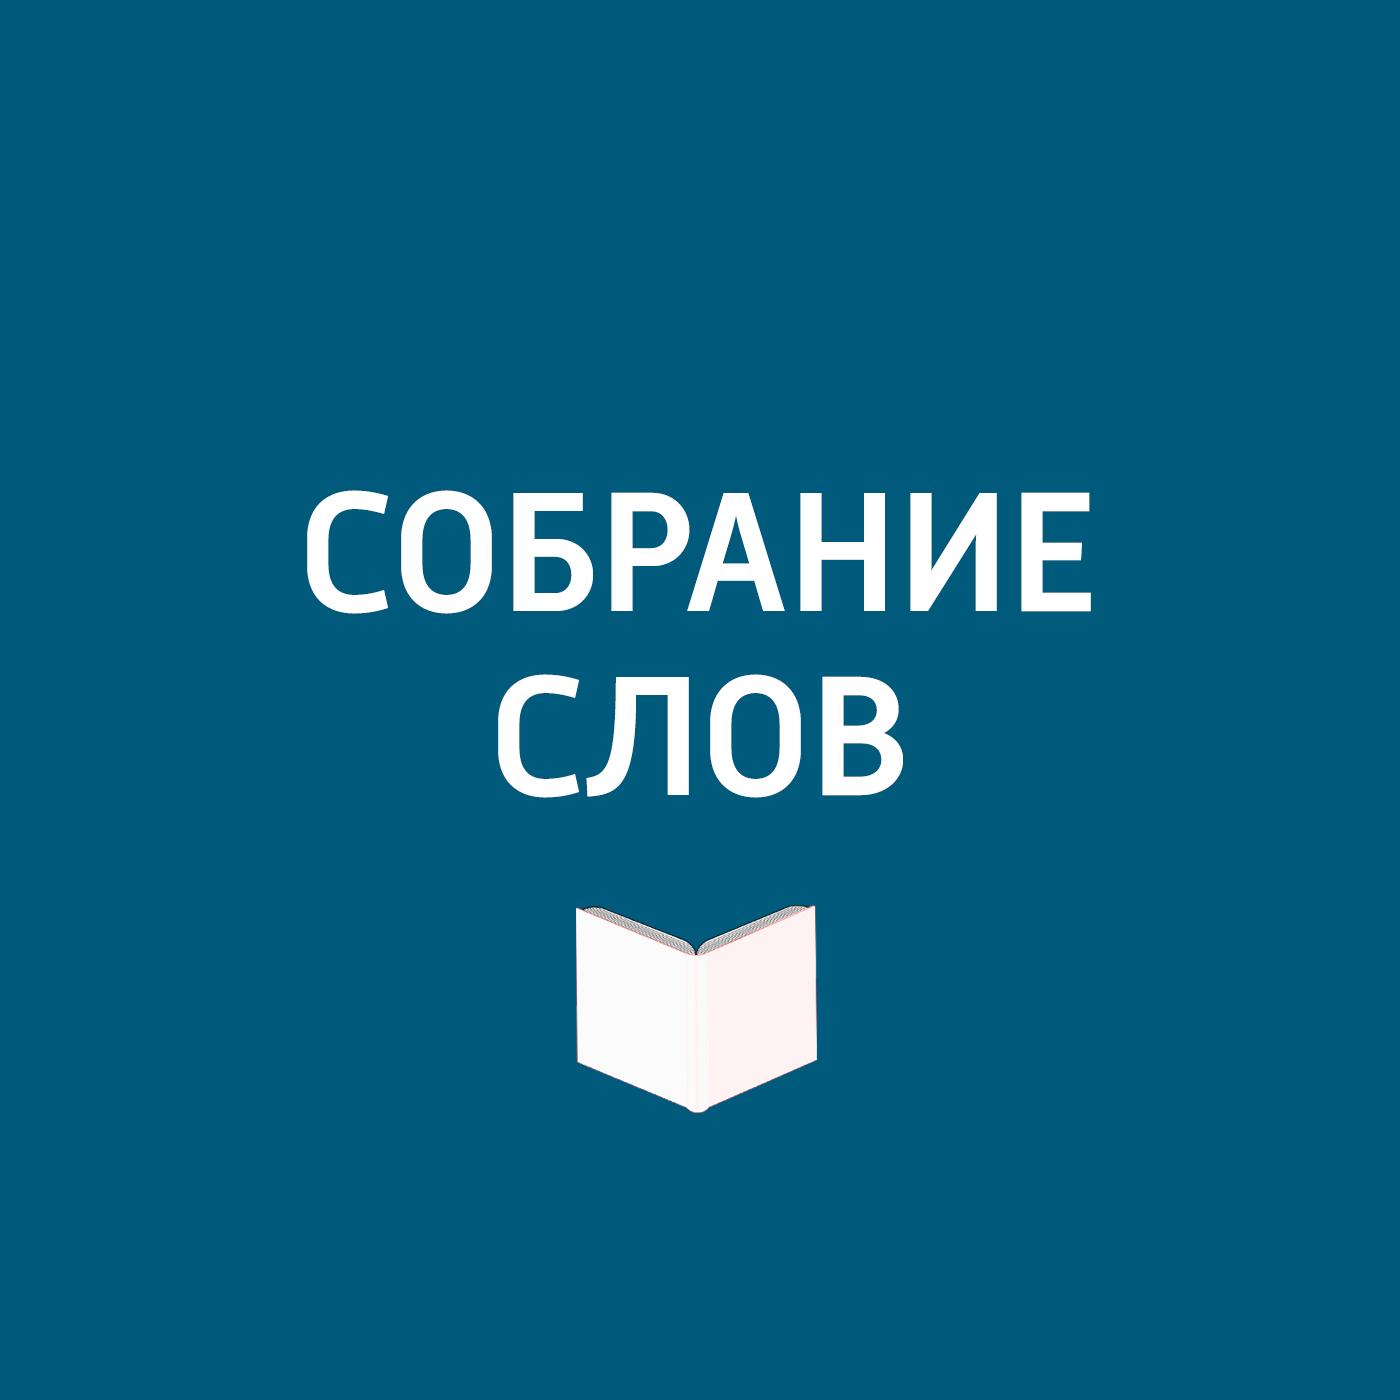 Творческий коллектив программы «Собрание слов» Большое интервью Владимира Зисмана